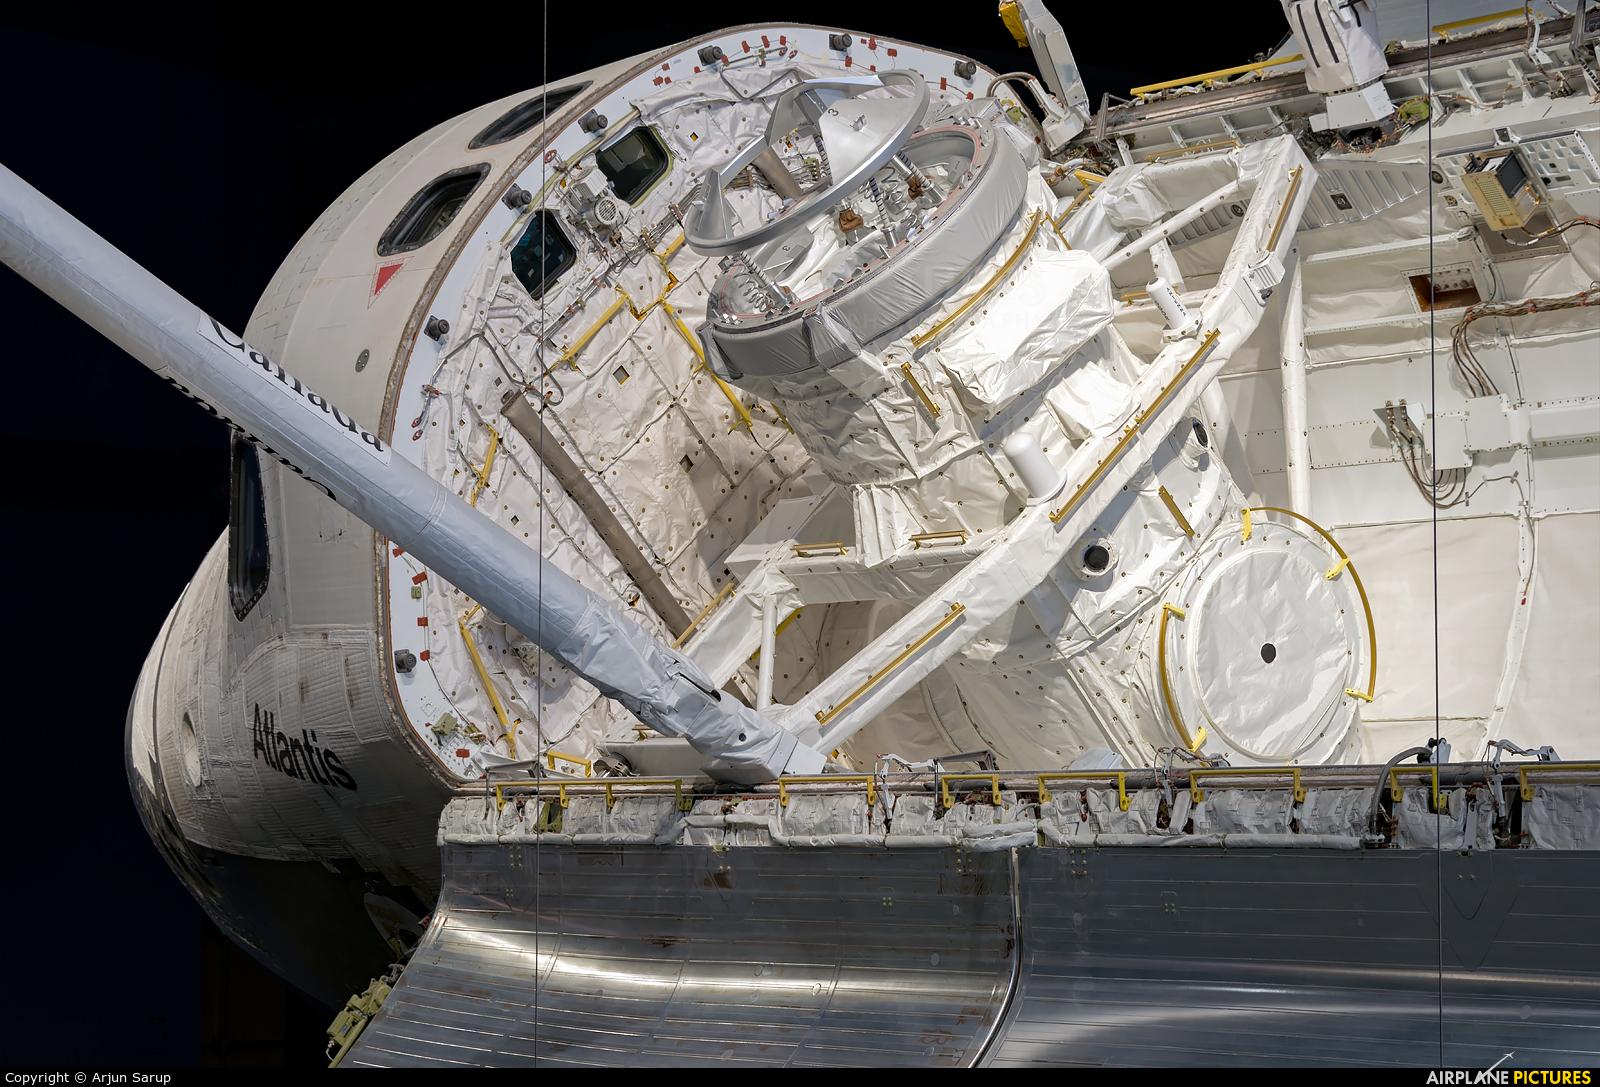 NASA OV-104 aircraft at Nasa Shuttle Landing Facility